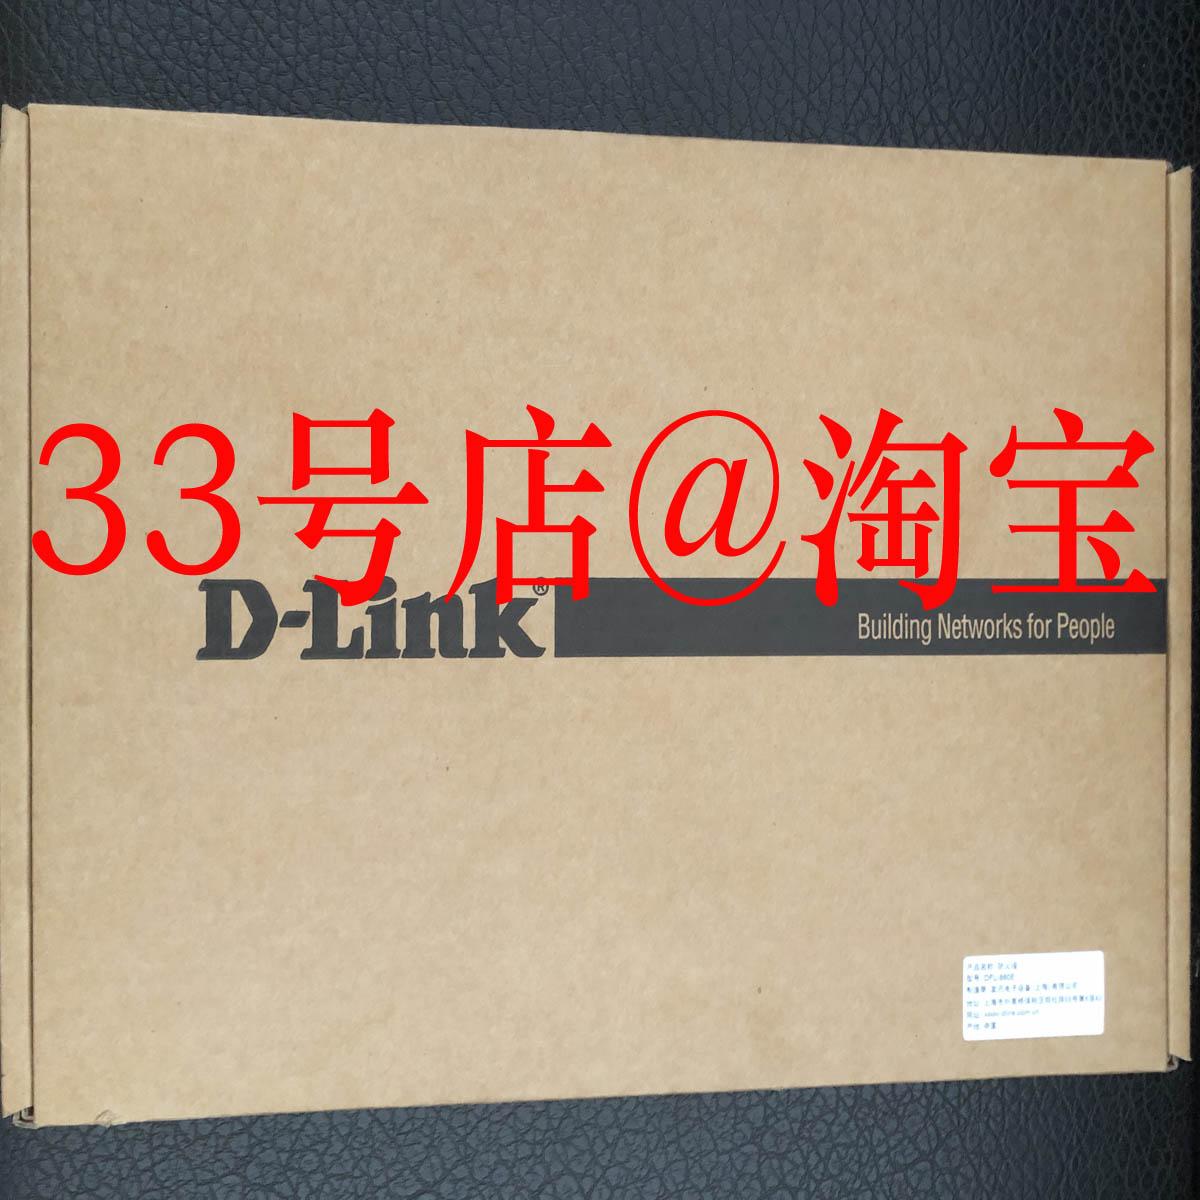 D-LINK несгораемый стена DFL-860E эффективный может целую близко стиль несгораемый стена единство престиж [胁] трубка причина